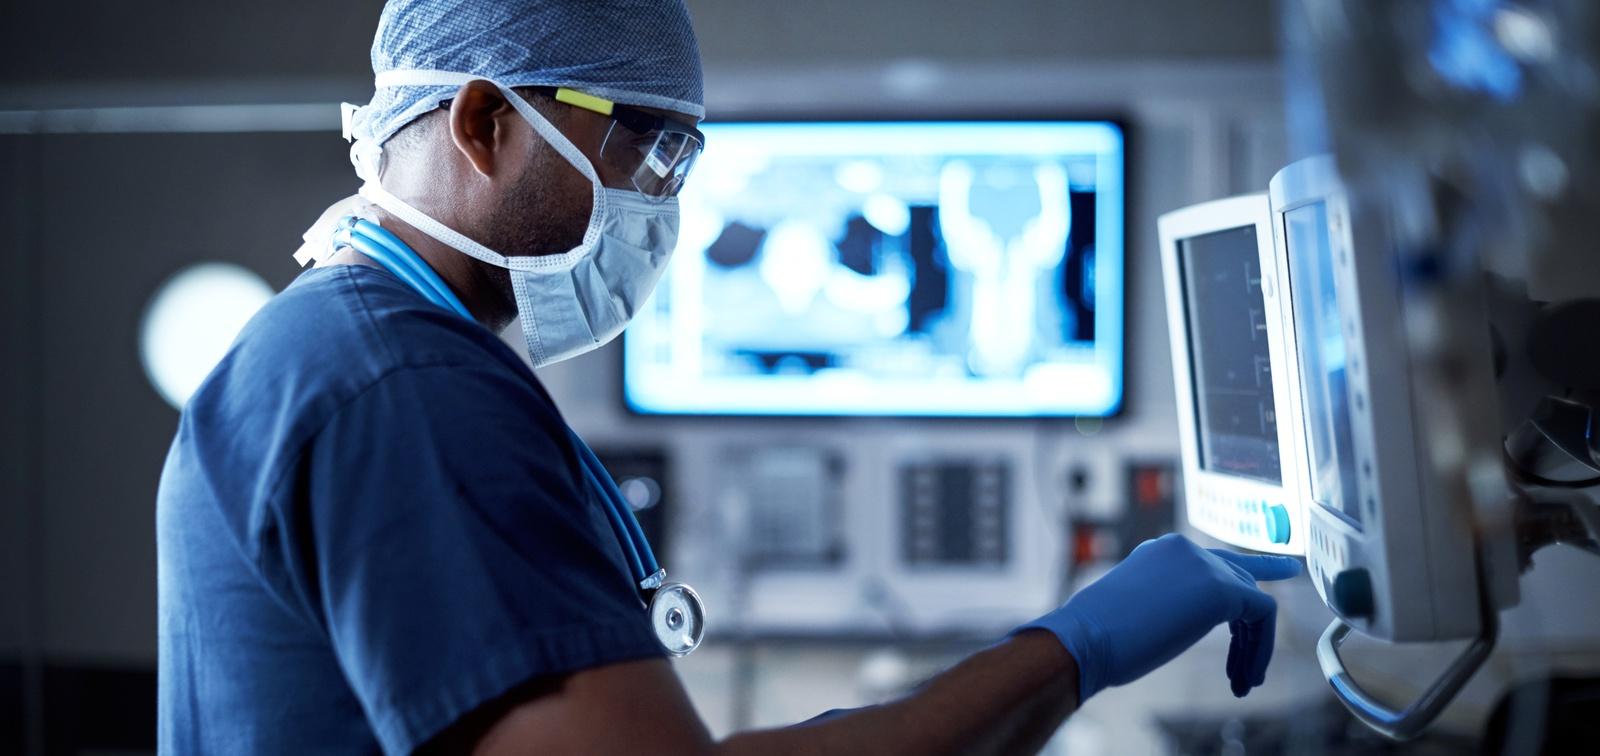 Gartner: Half of healthcare CIOs will use RPA by 2023